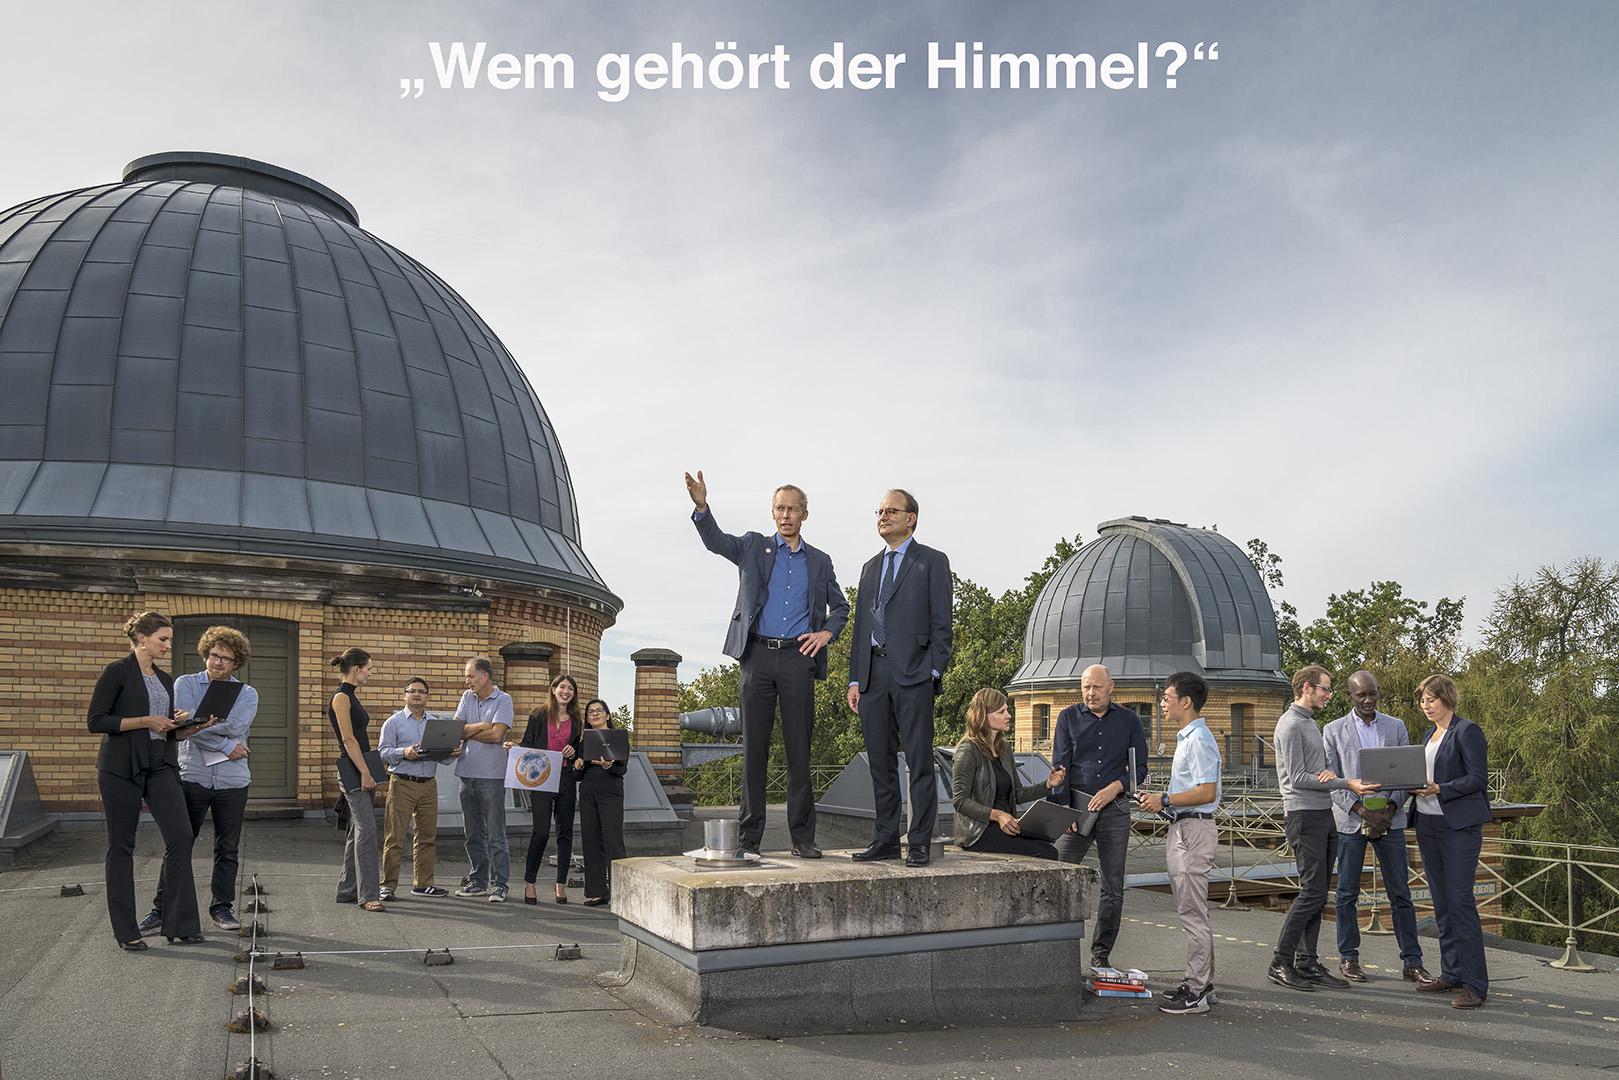 Potsdam-Institut für Klimafolgenforschung (PIK)